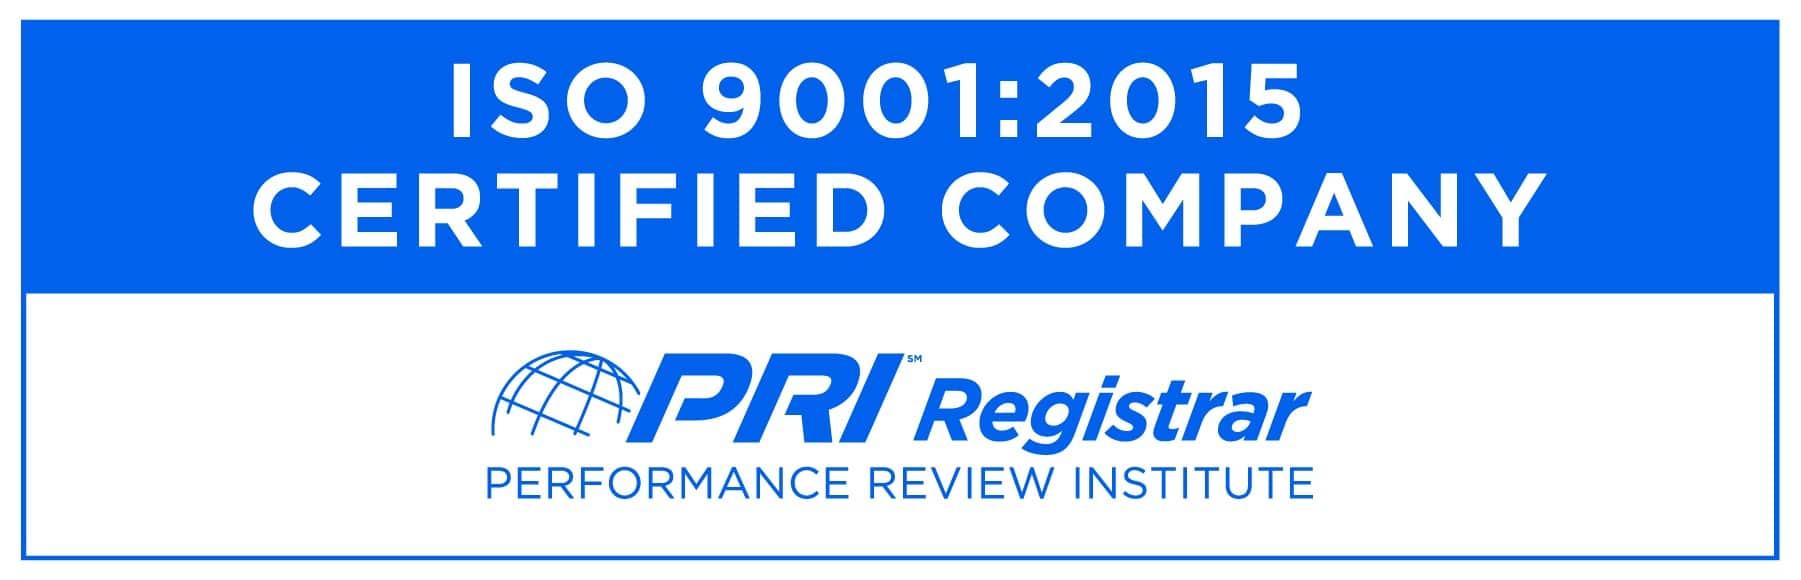 PRI Registrar